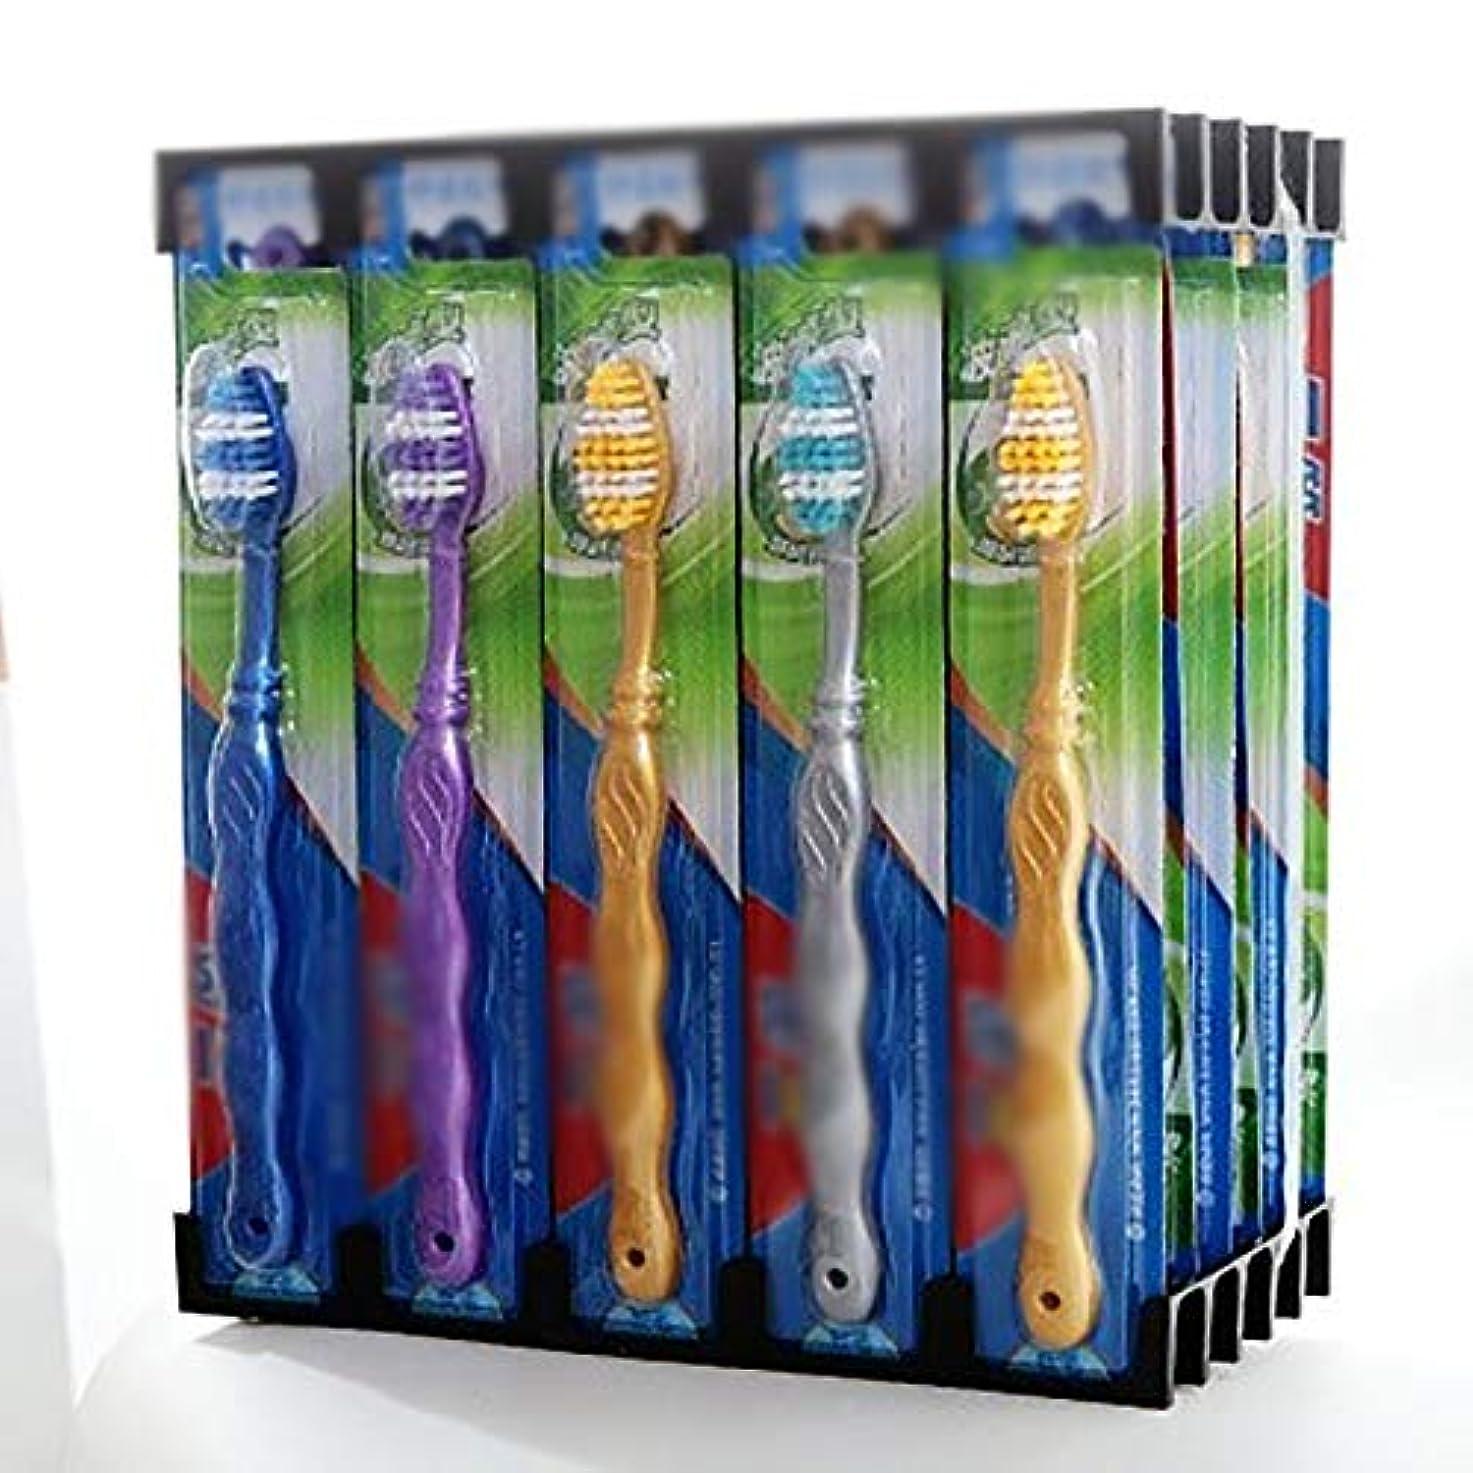 ボックスブルゴーニュ怠感歯ブラシ 使用可能なスタイルの3種類 - 30パックは、敏感な歯のために、超柔らかい歯ブラシの歯ブラシを一括します HL (色 : B, サイズ : 30 packs)